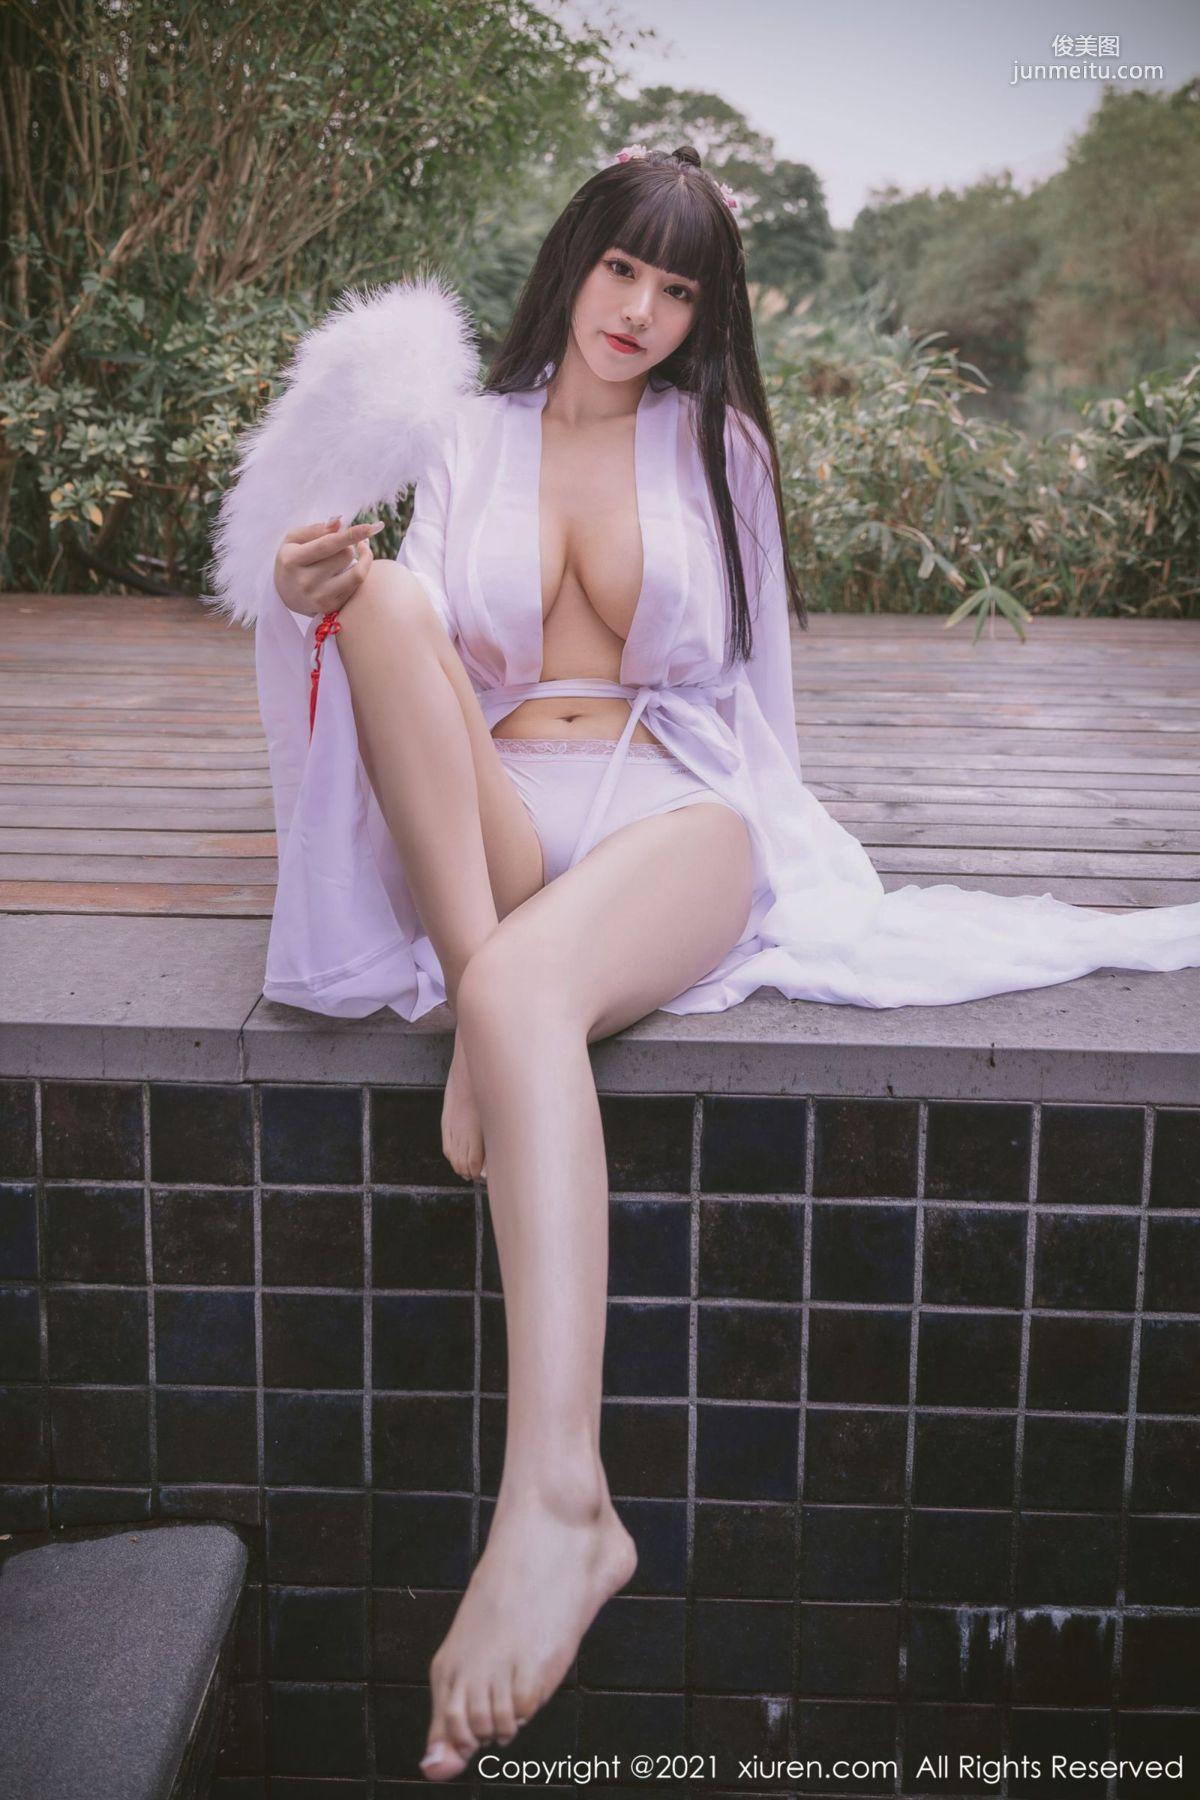 洁白迷人朱可儿 薄纱古风外拍系列